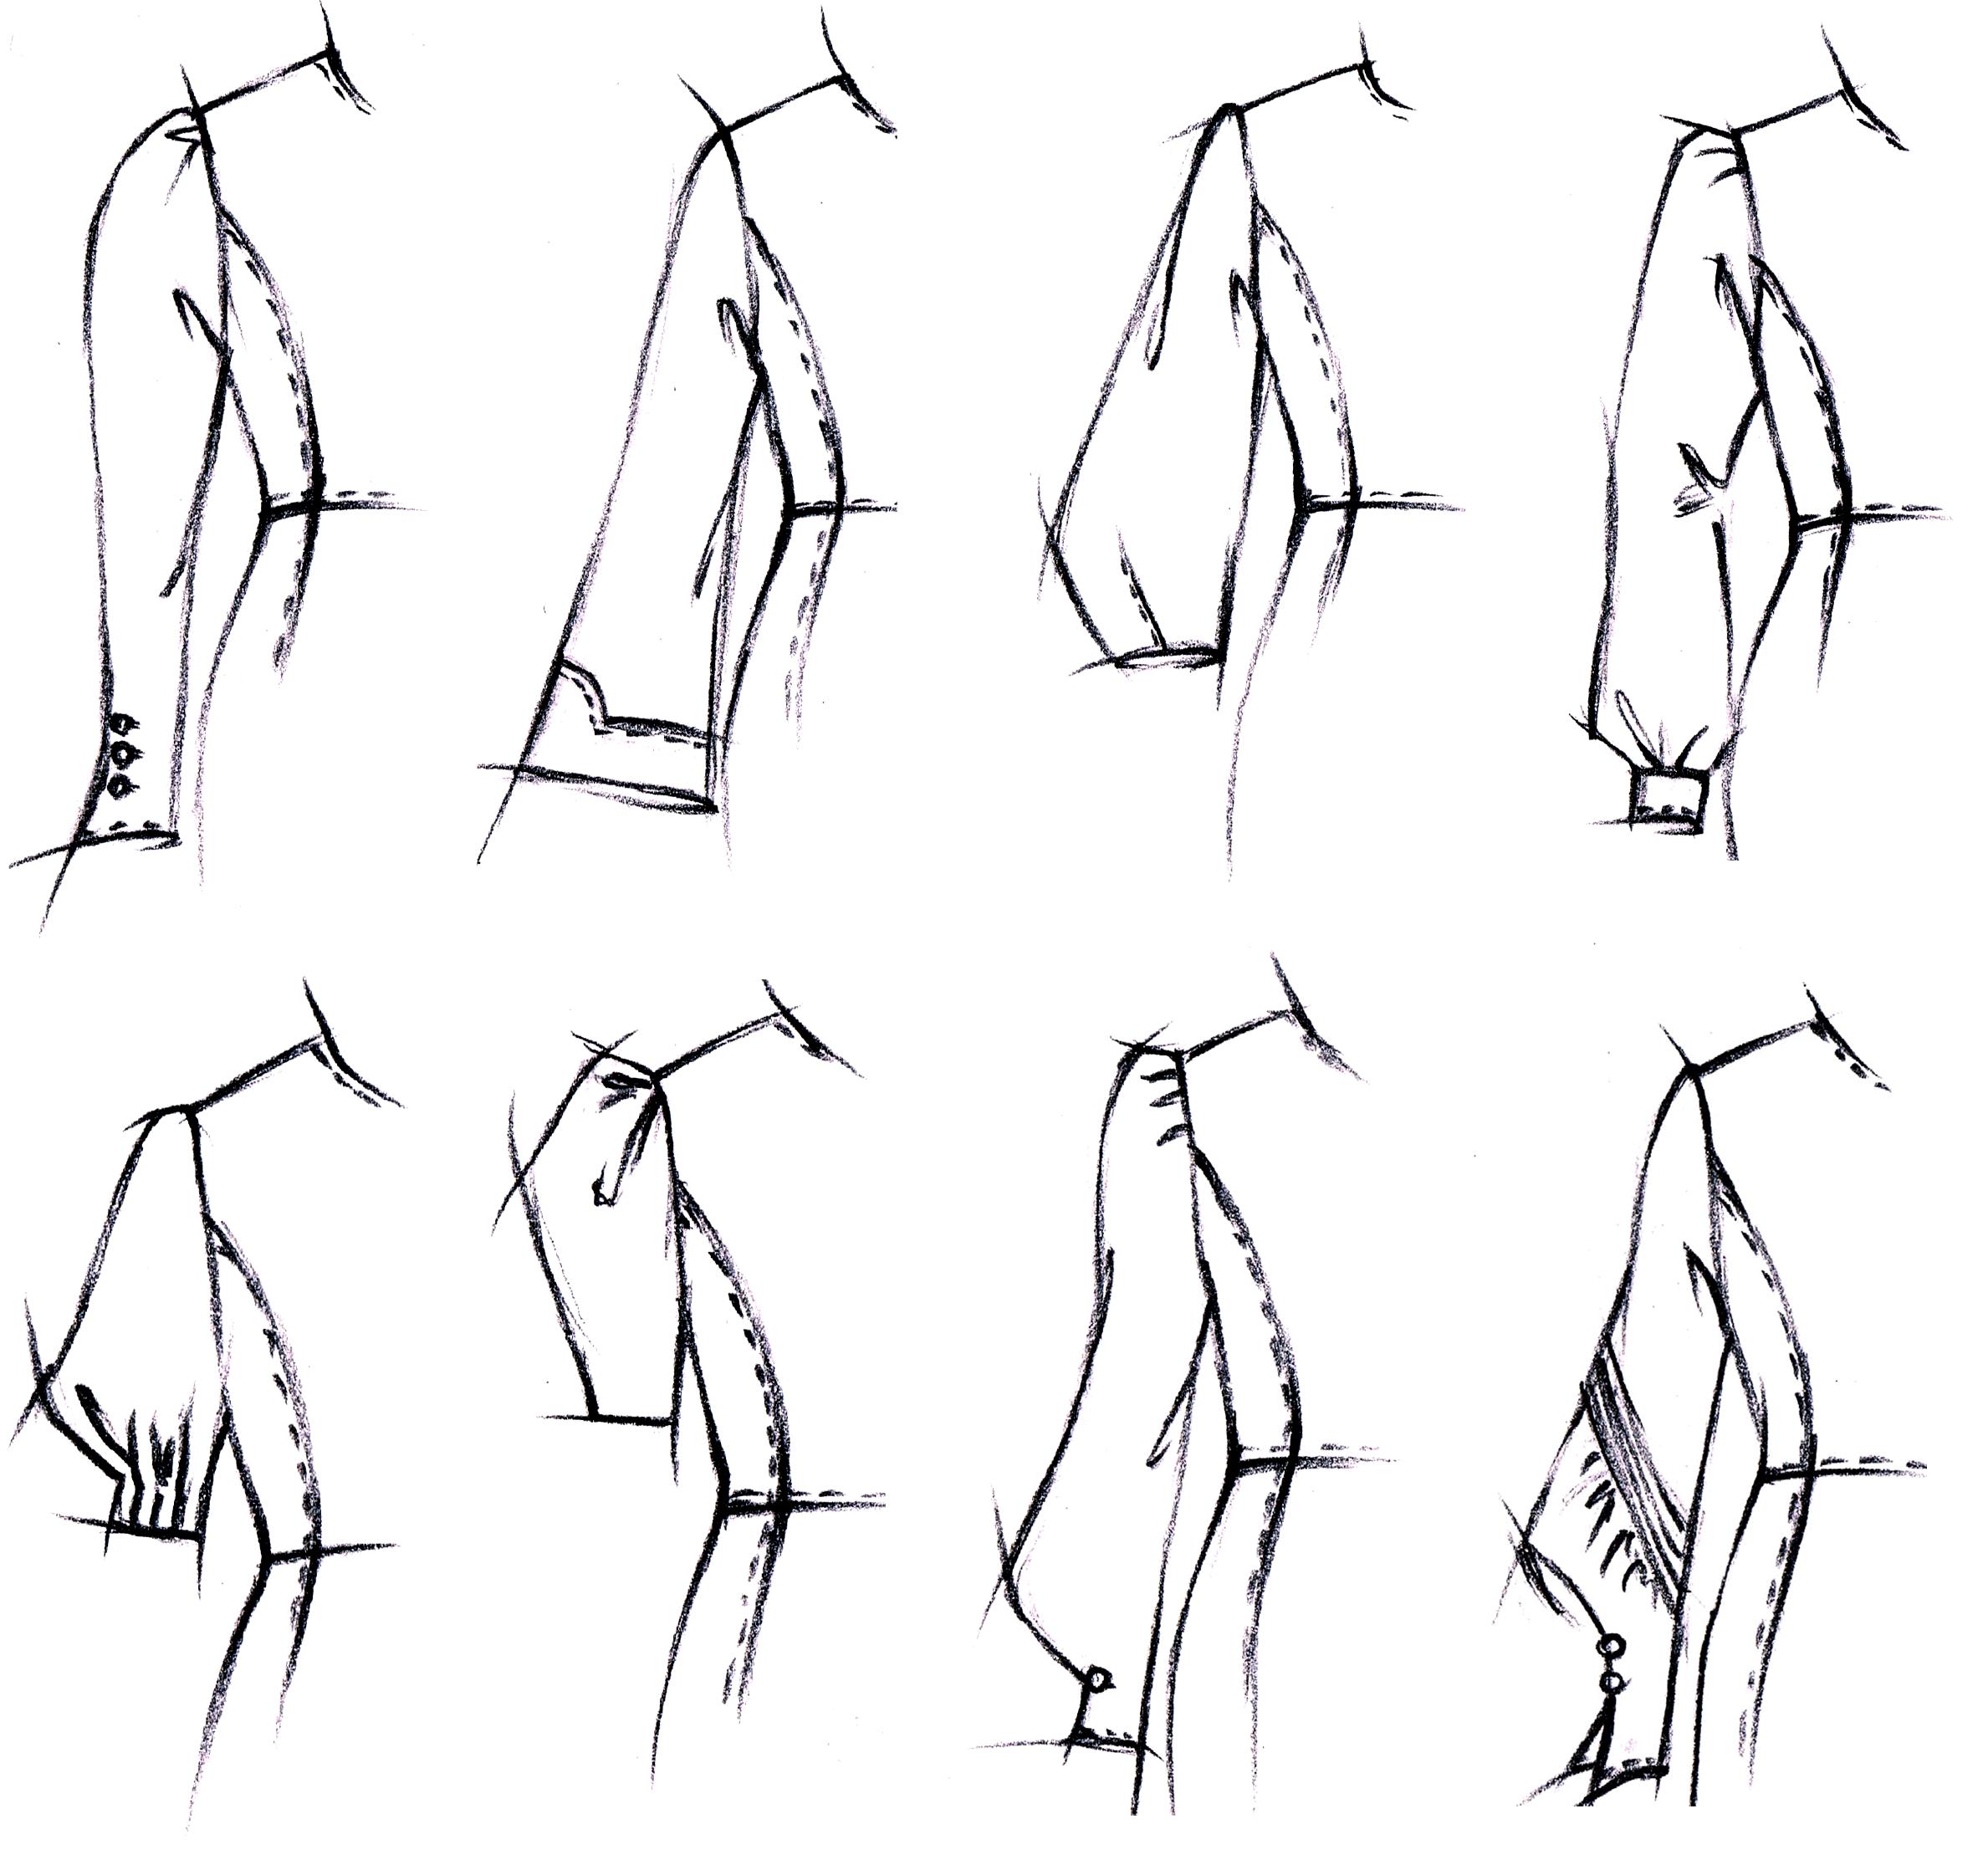 Es werden 8 Zeichnungen von verschiedenen Ärmelvarianten abgebildet die als Vorlage für die Schnittkonstruktion dienen.